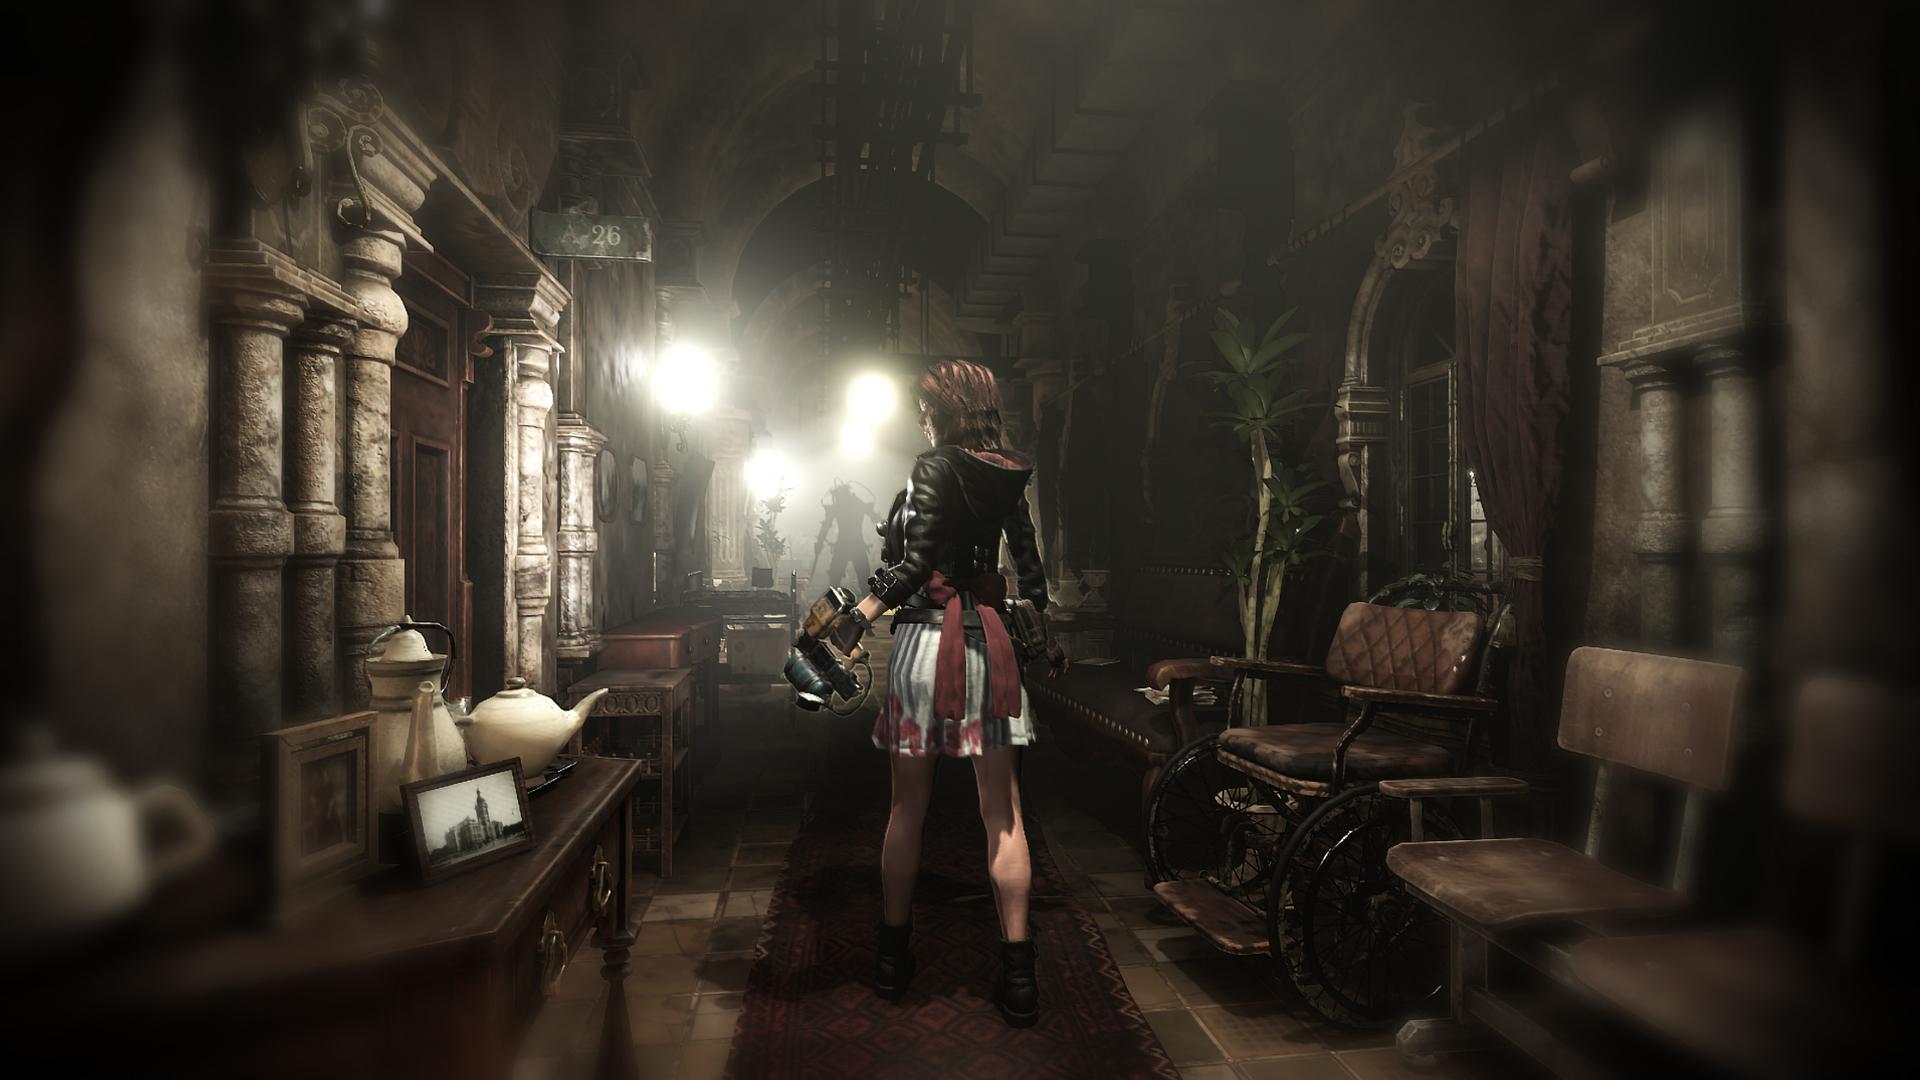 Critique du jeu Tormented Souls